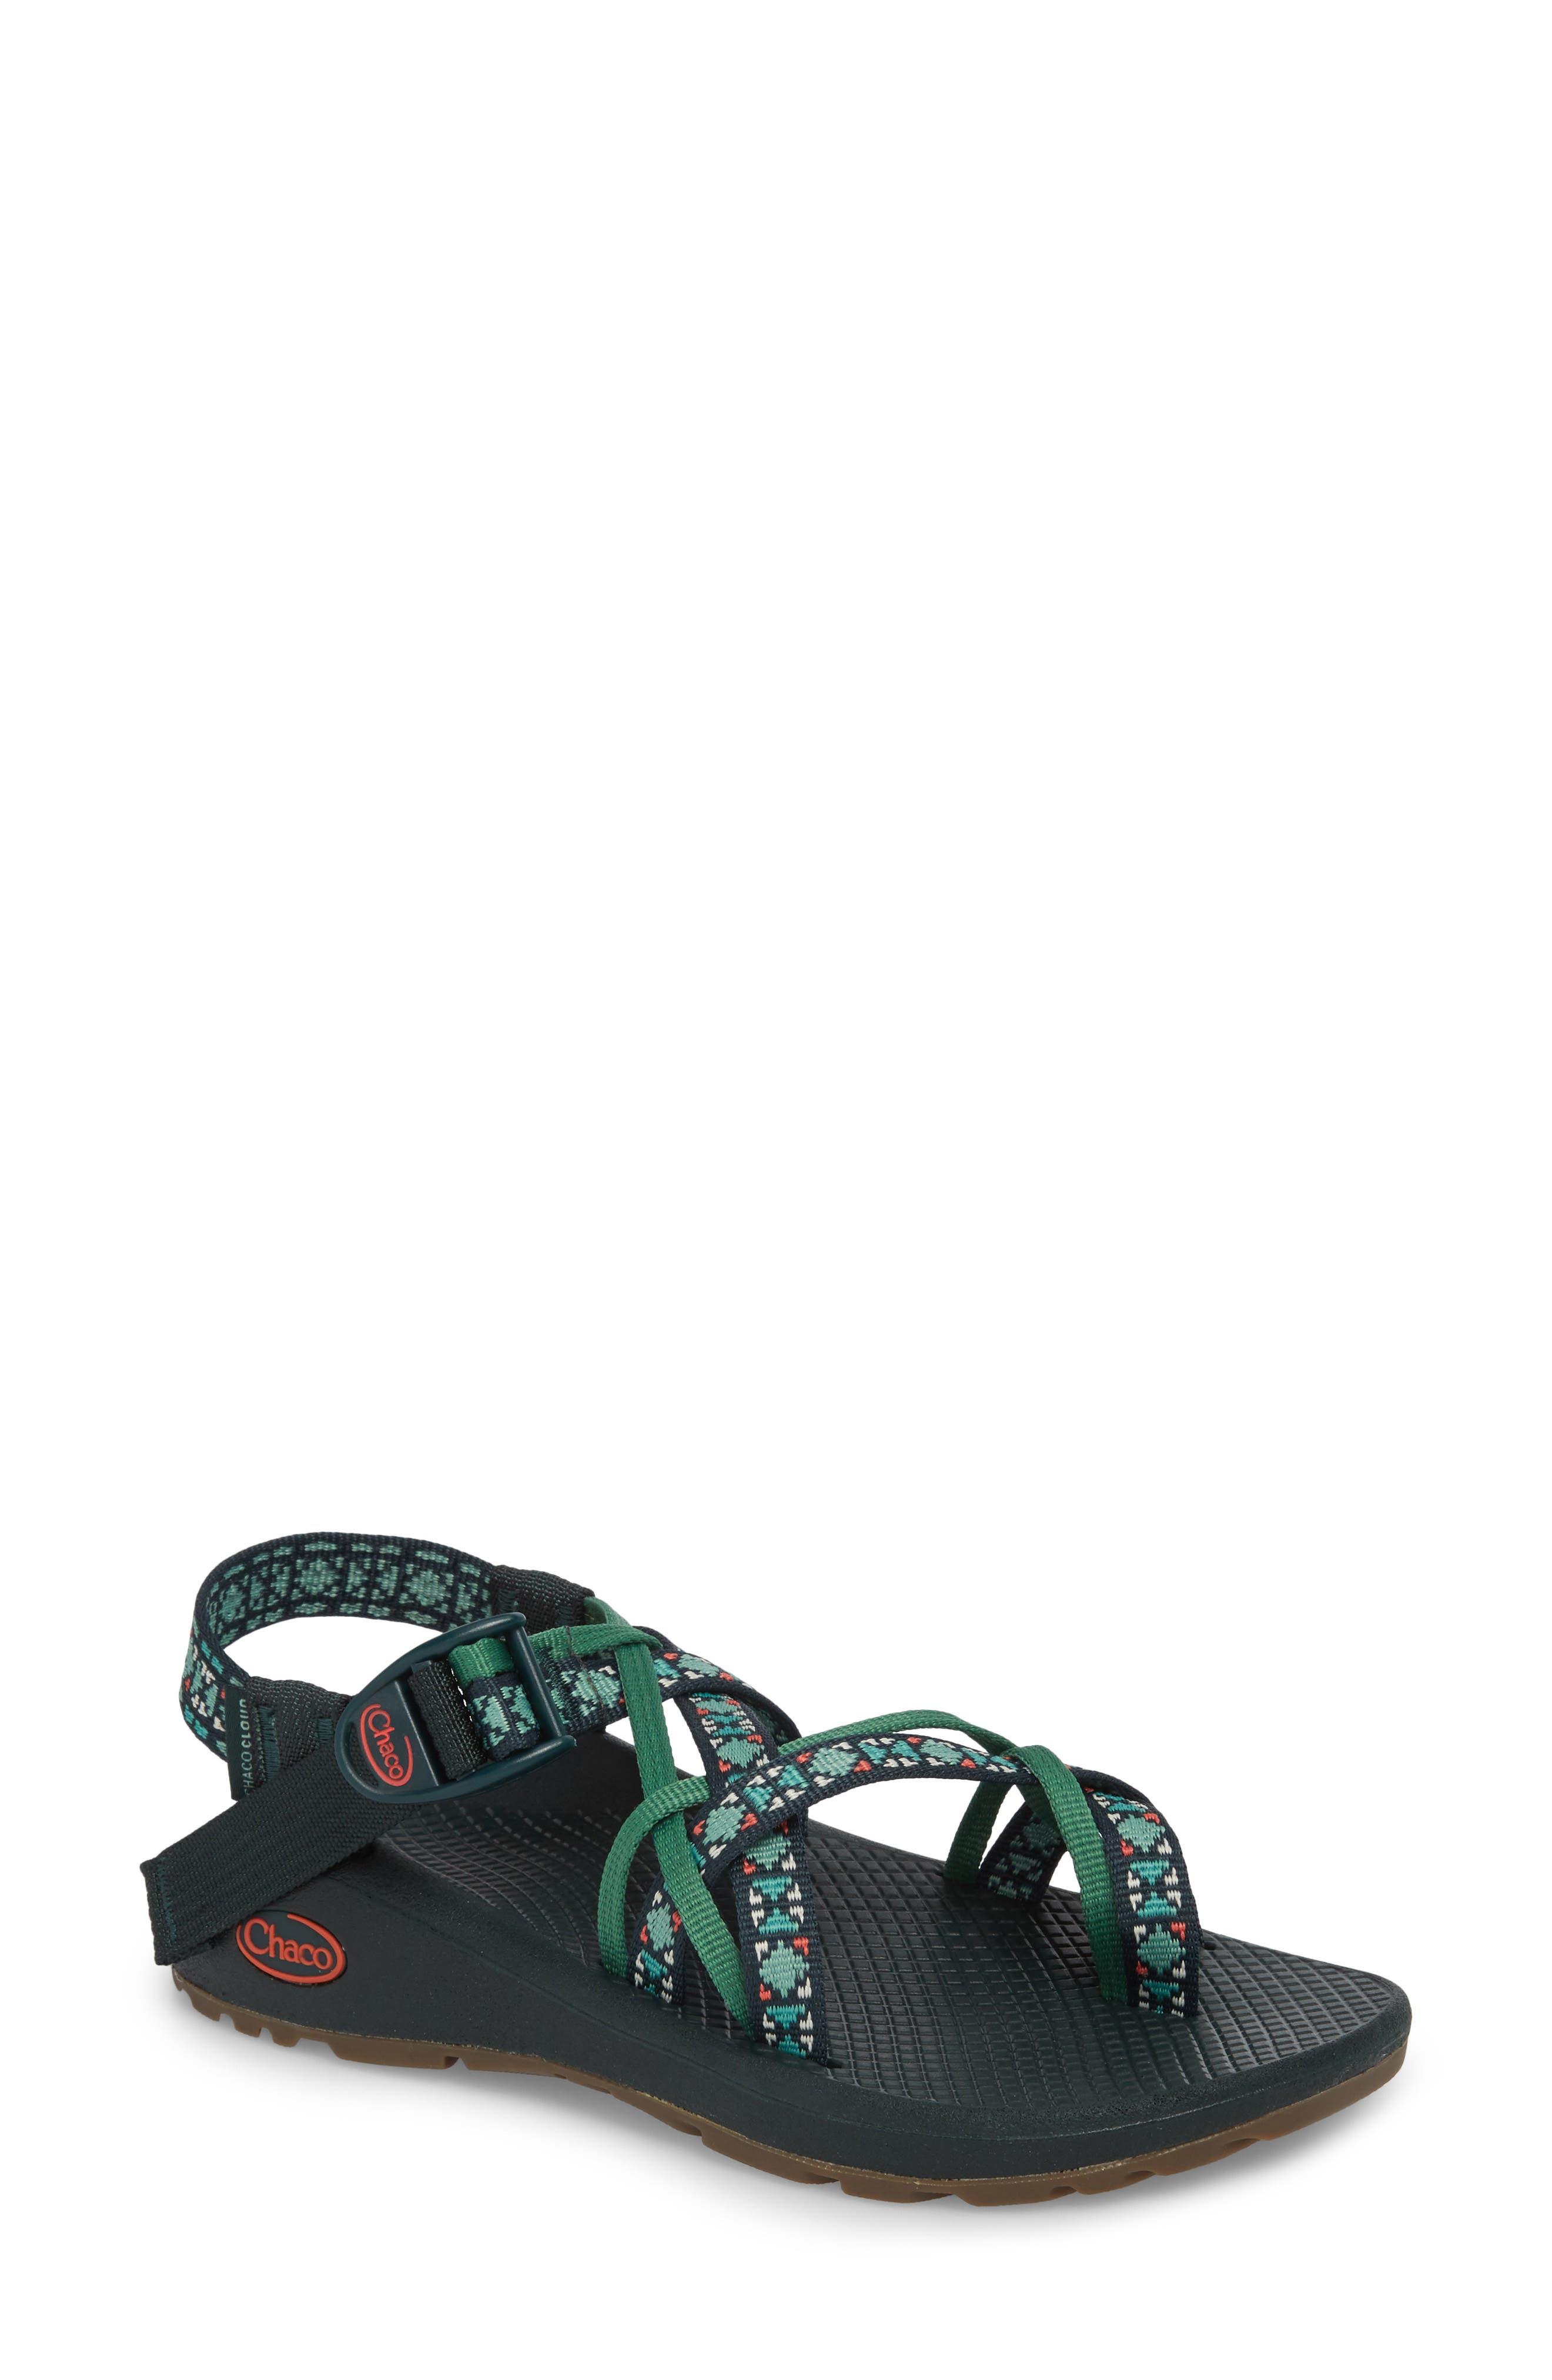 Z/Cloud X2 Remix Sport Sandal,                         Main,                         color, CREED PINE